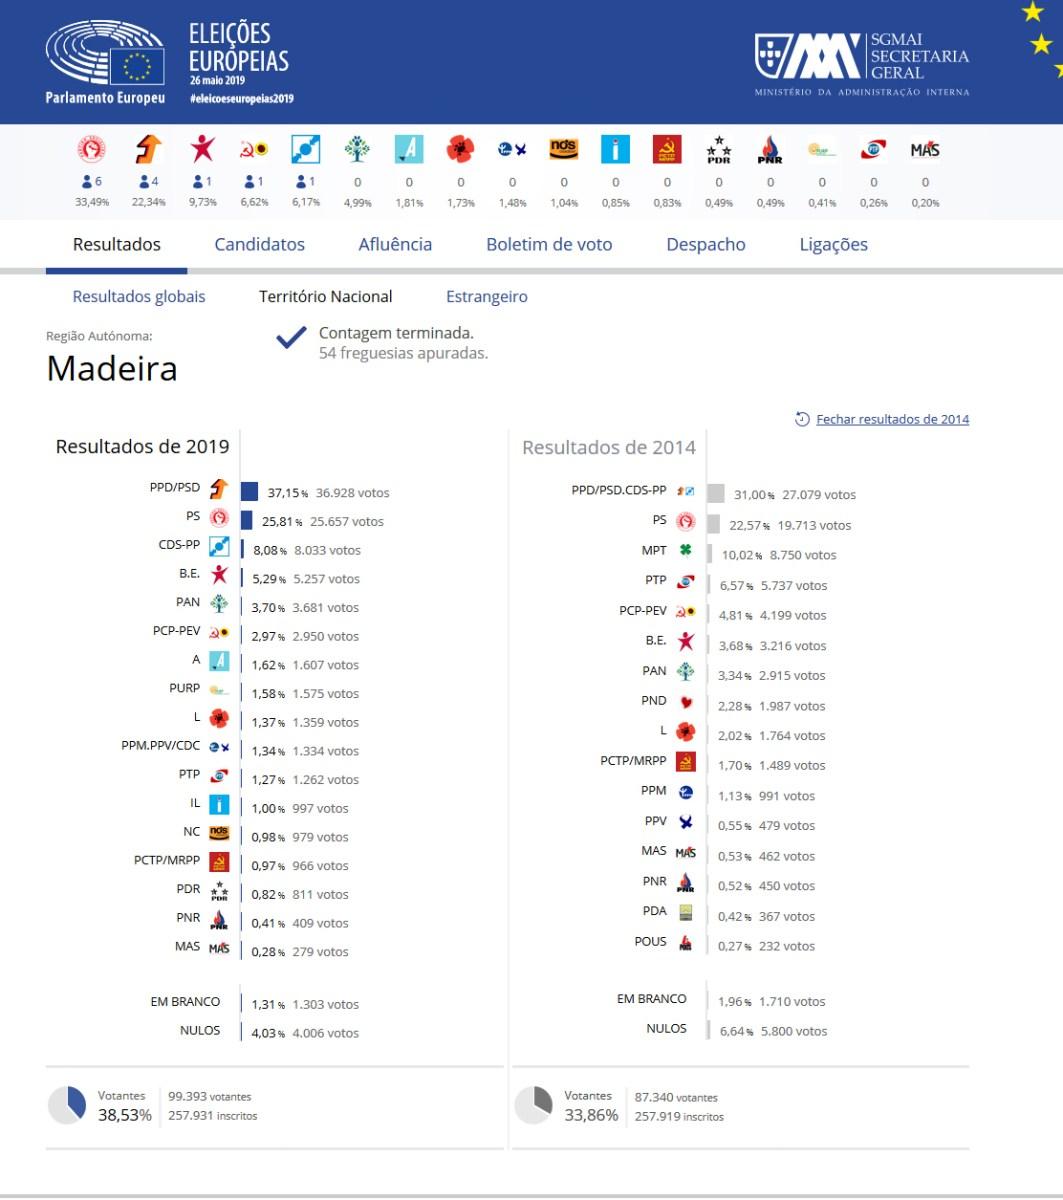 Resultados da Região Autónoma da Madeira das Eleições Europeias 2019 em comparação com os resultados de 2014